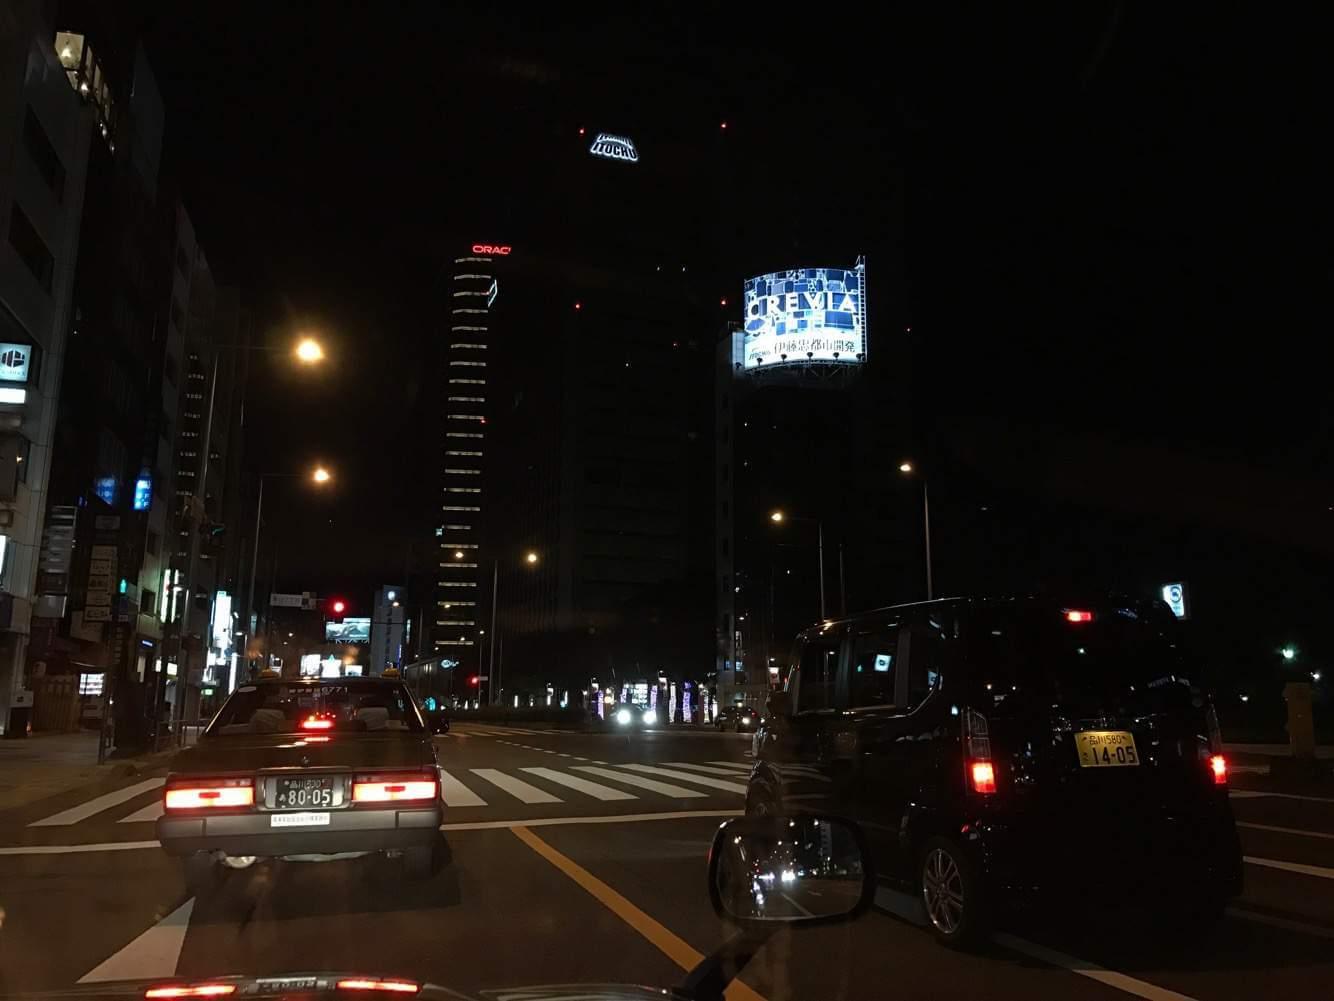 タクシー乗務ではじめての年越し。2017年もよろしくお願いします!【乗務記録143日目】